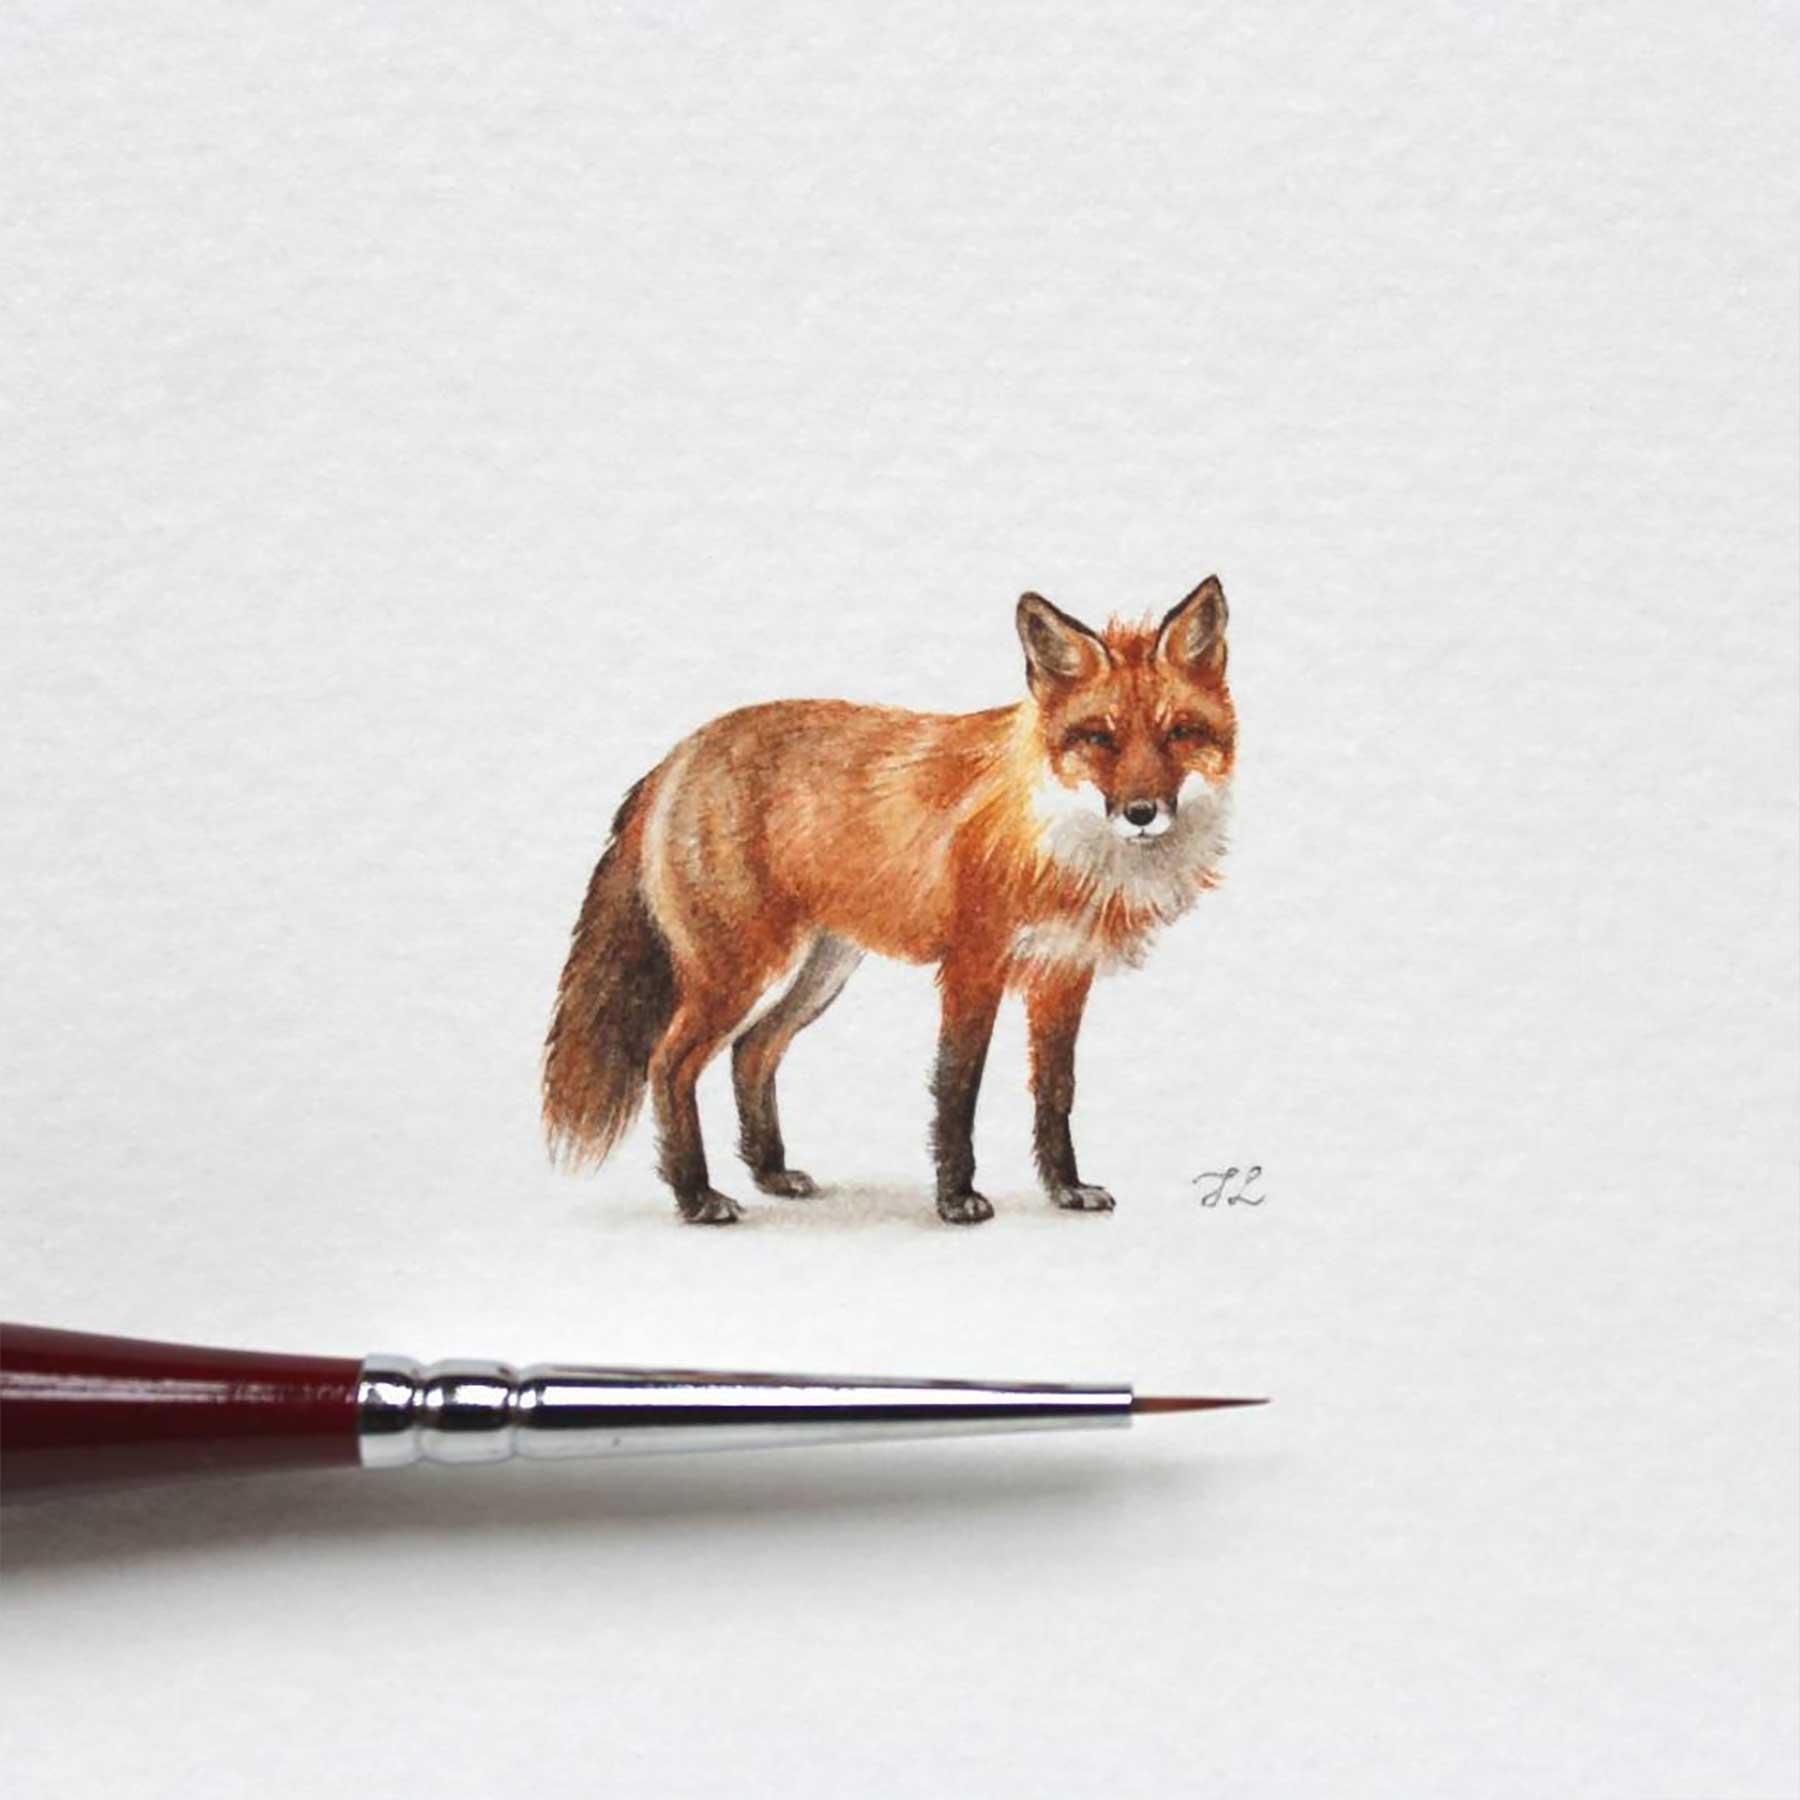 Miniatur-Wasserfarb-Tiere julia-las-wasserfarbe-tierportraits_02